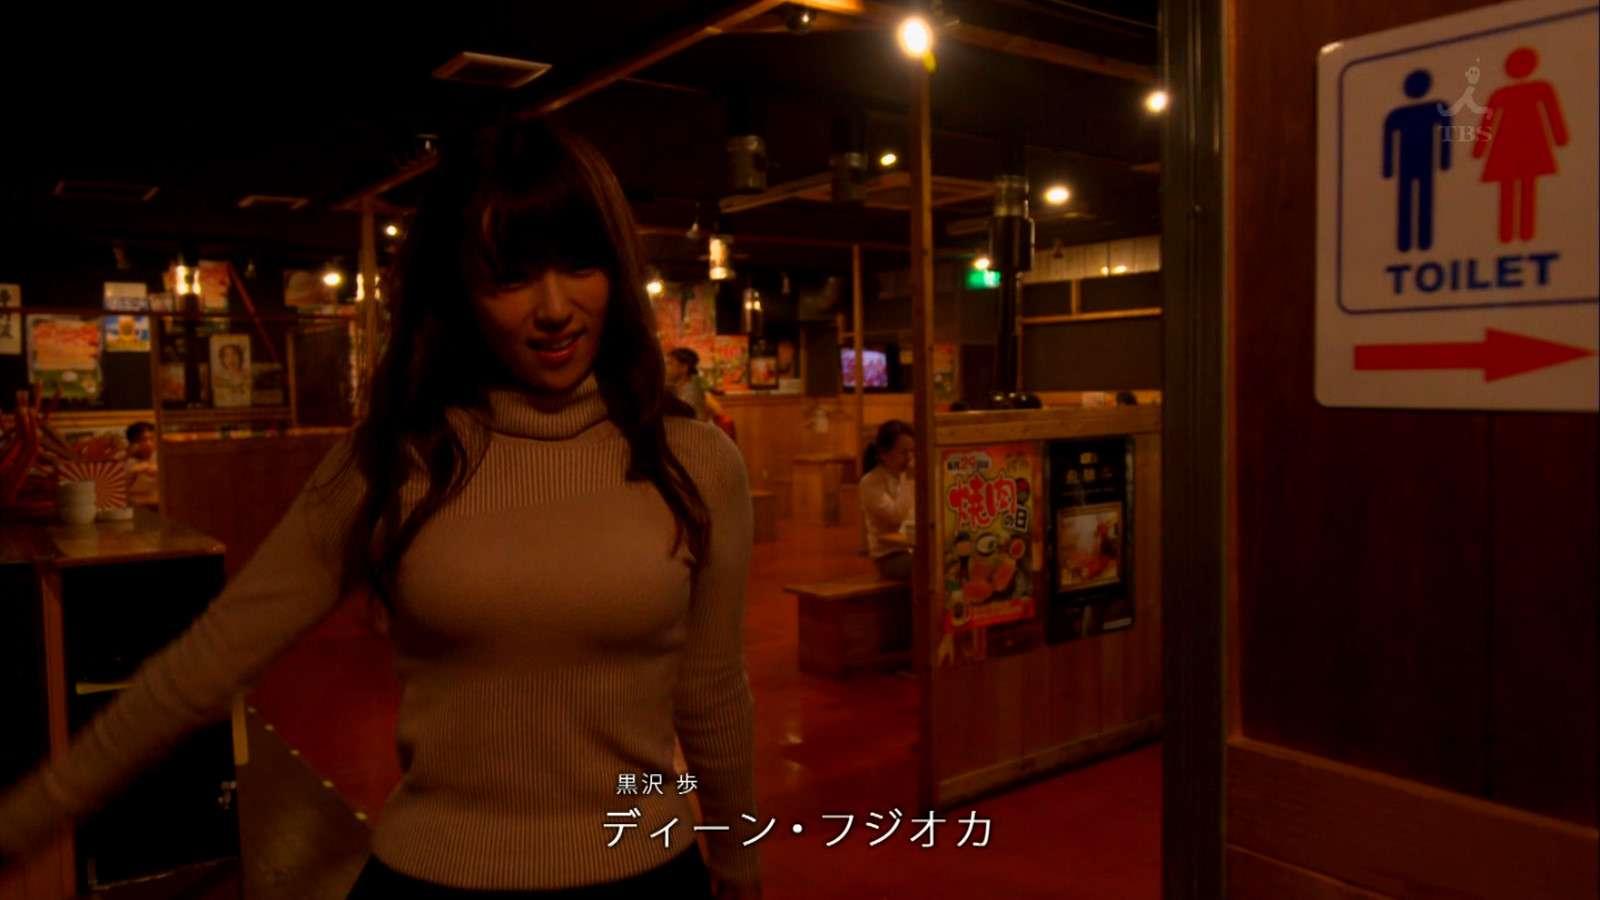 深田恭子のエロ動画まとめ